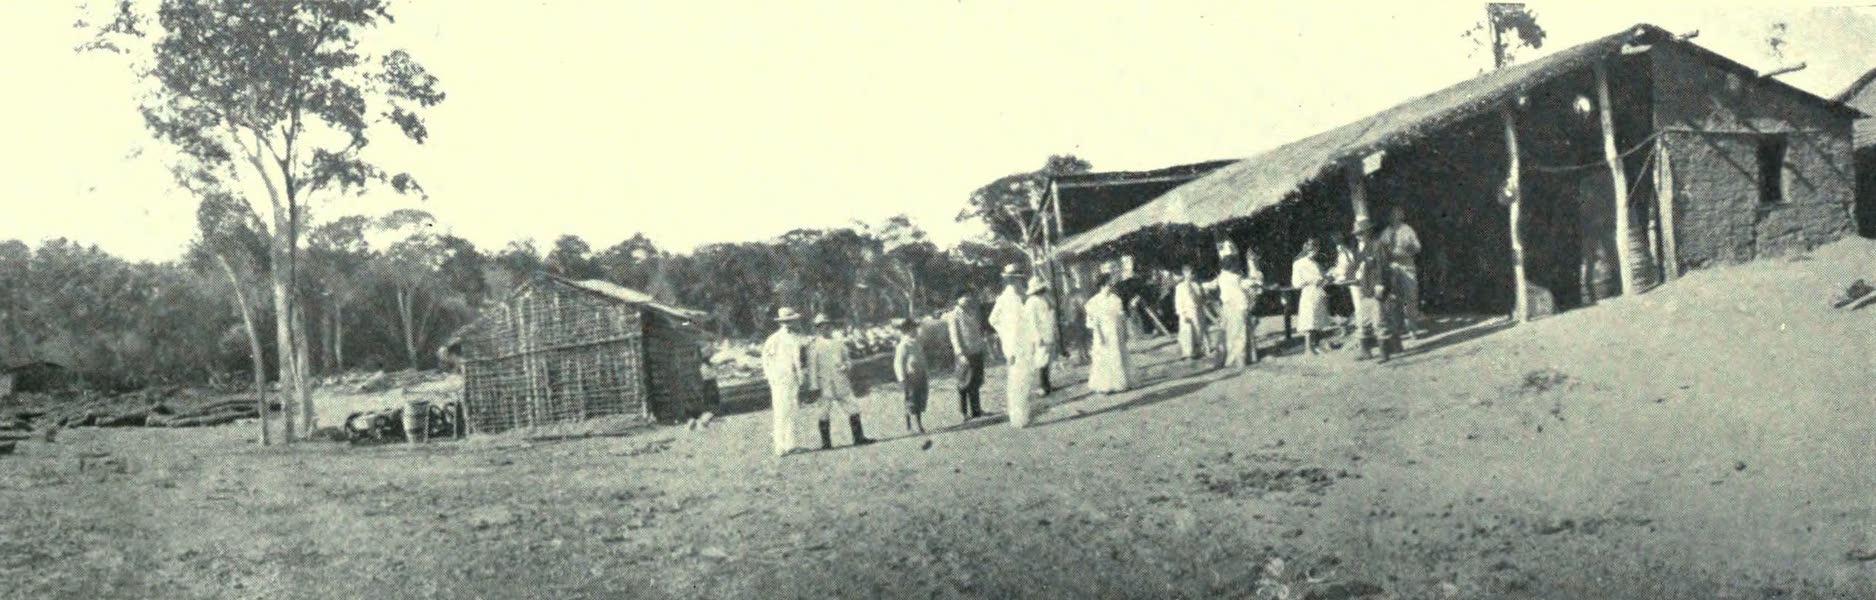 Paraguay by Henry Koebel - Pioneer Industrial Dwellings (1917)